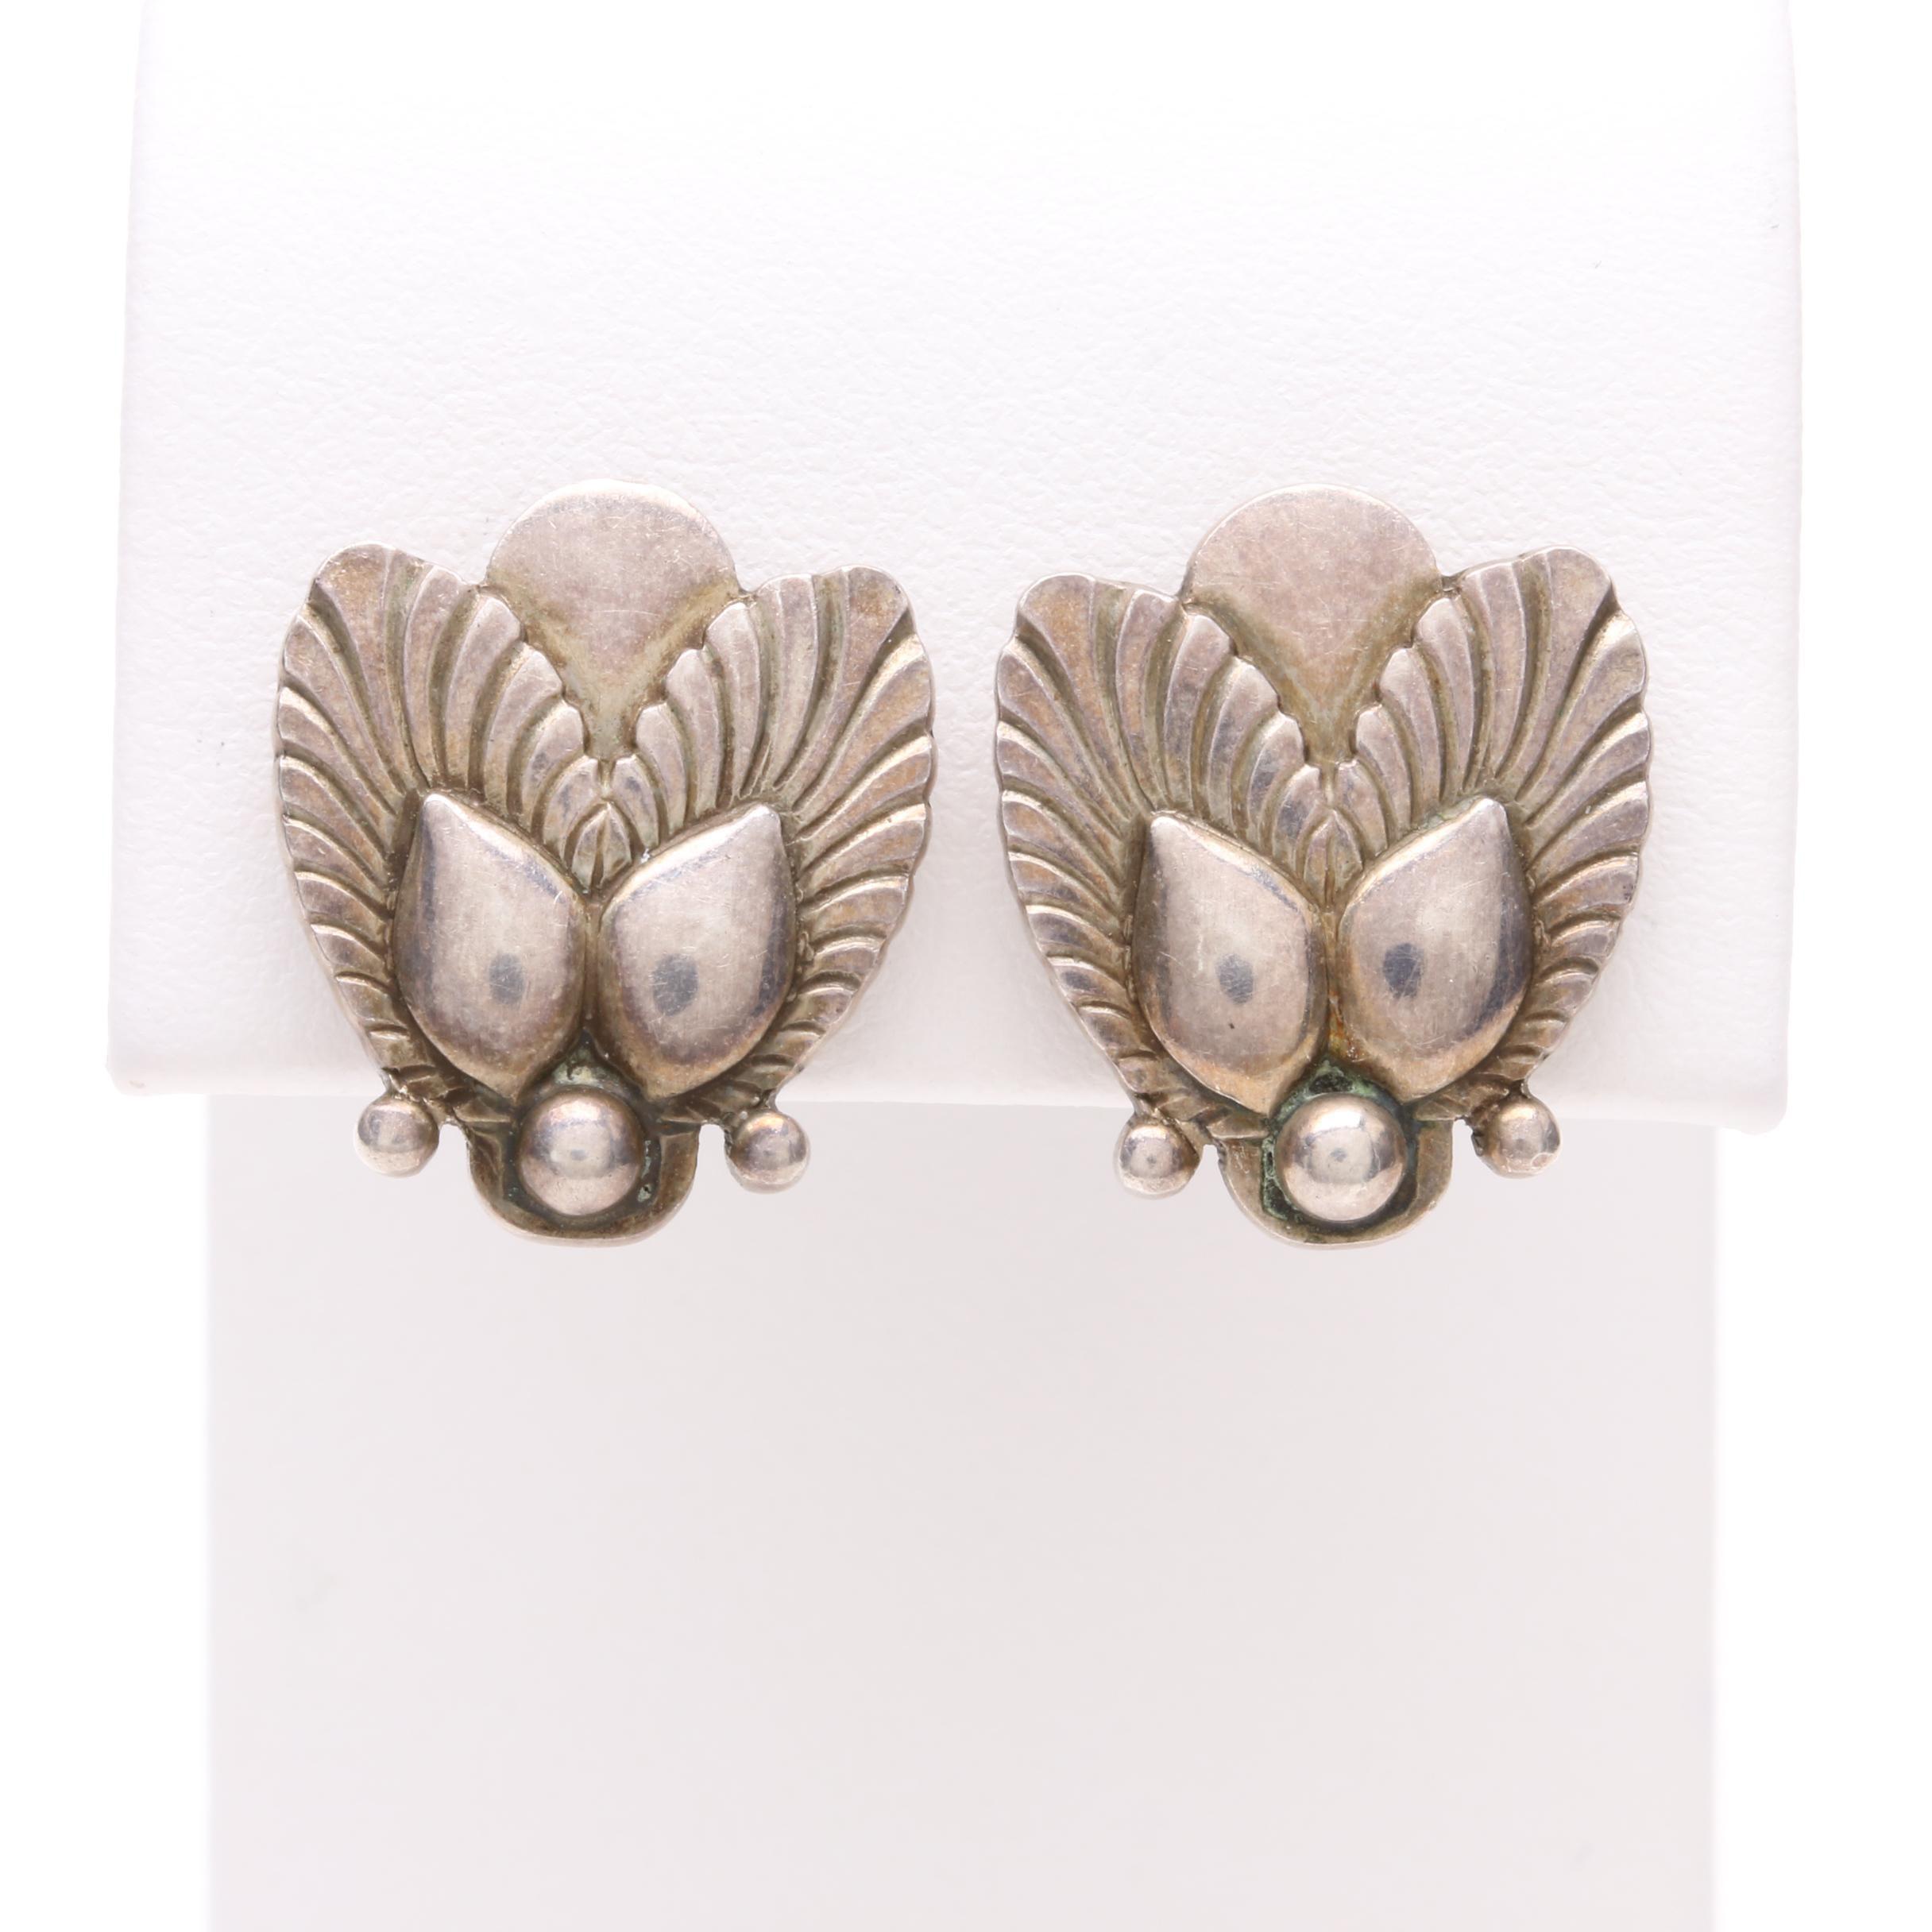 Georg Jensen Sterling Silver Earrings